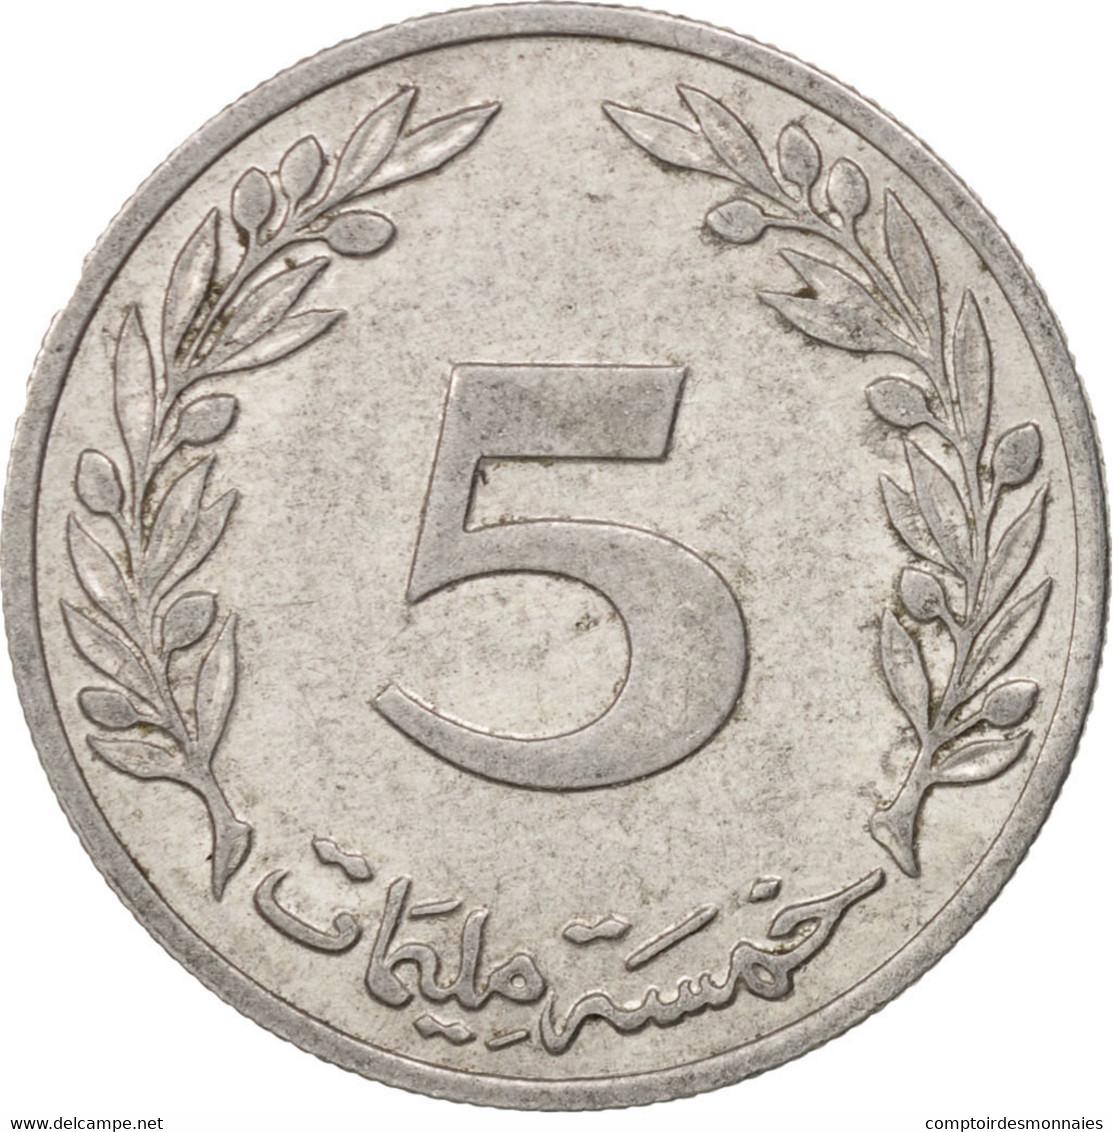 Tunisie, 5 Millim, 1960, TTB, Aluminum, KM:282 - Tunisie